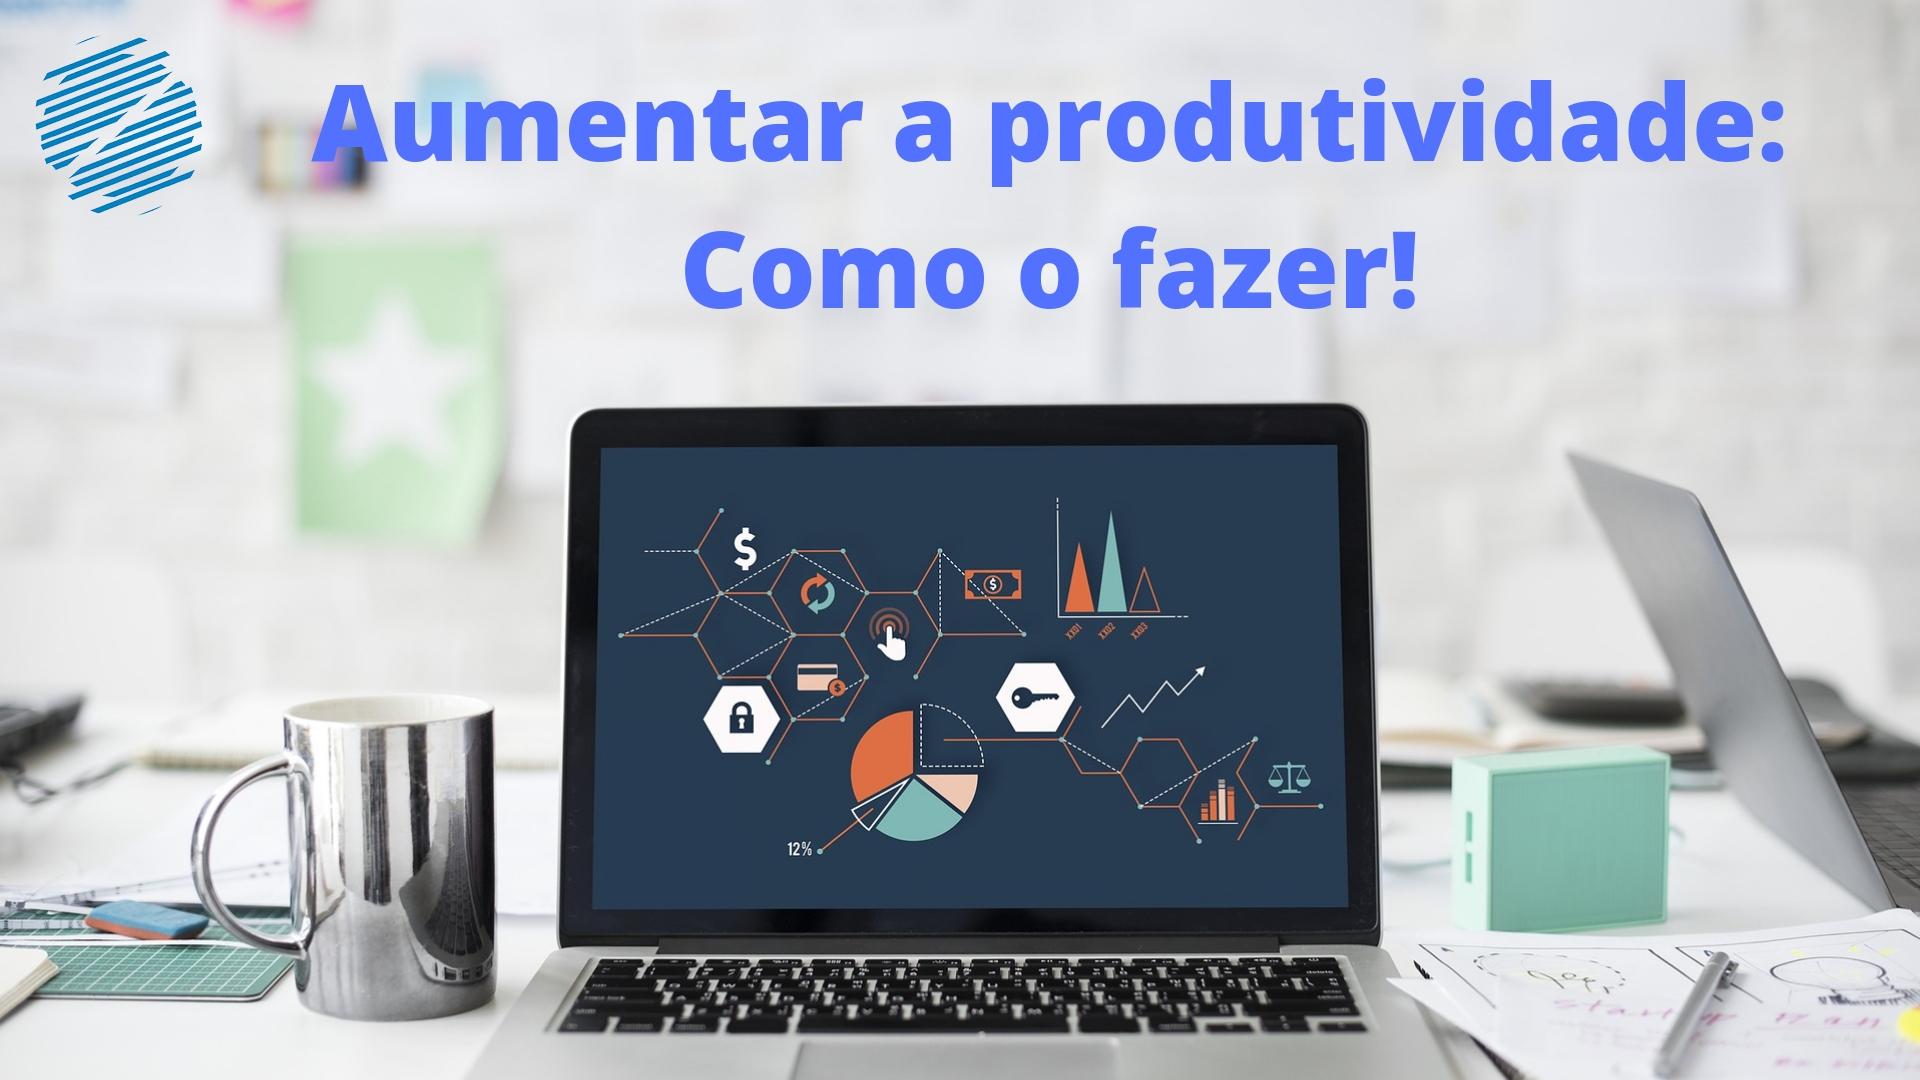 Aumentar a produtividade: como o fazer!